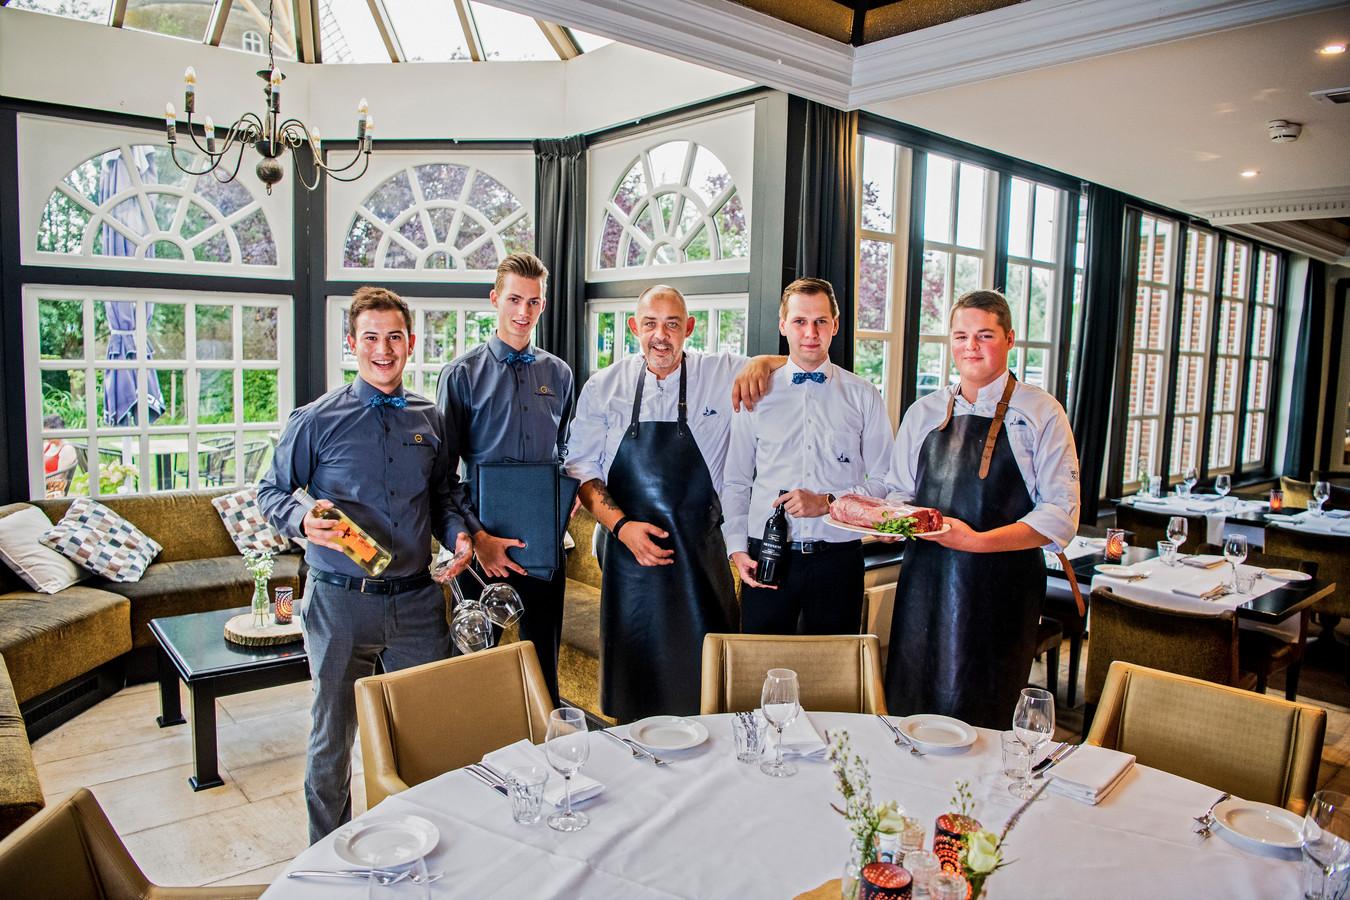 Vlnr Wilco (Chefbediening), Ettienne (Bediening), Nicky (Chef), Mark (Bediening), Teun (Keuken).